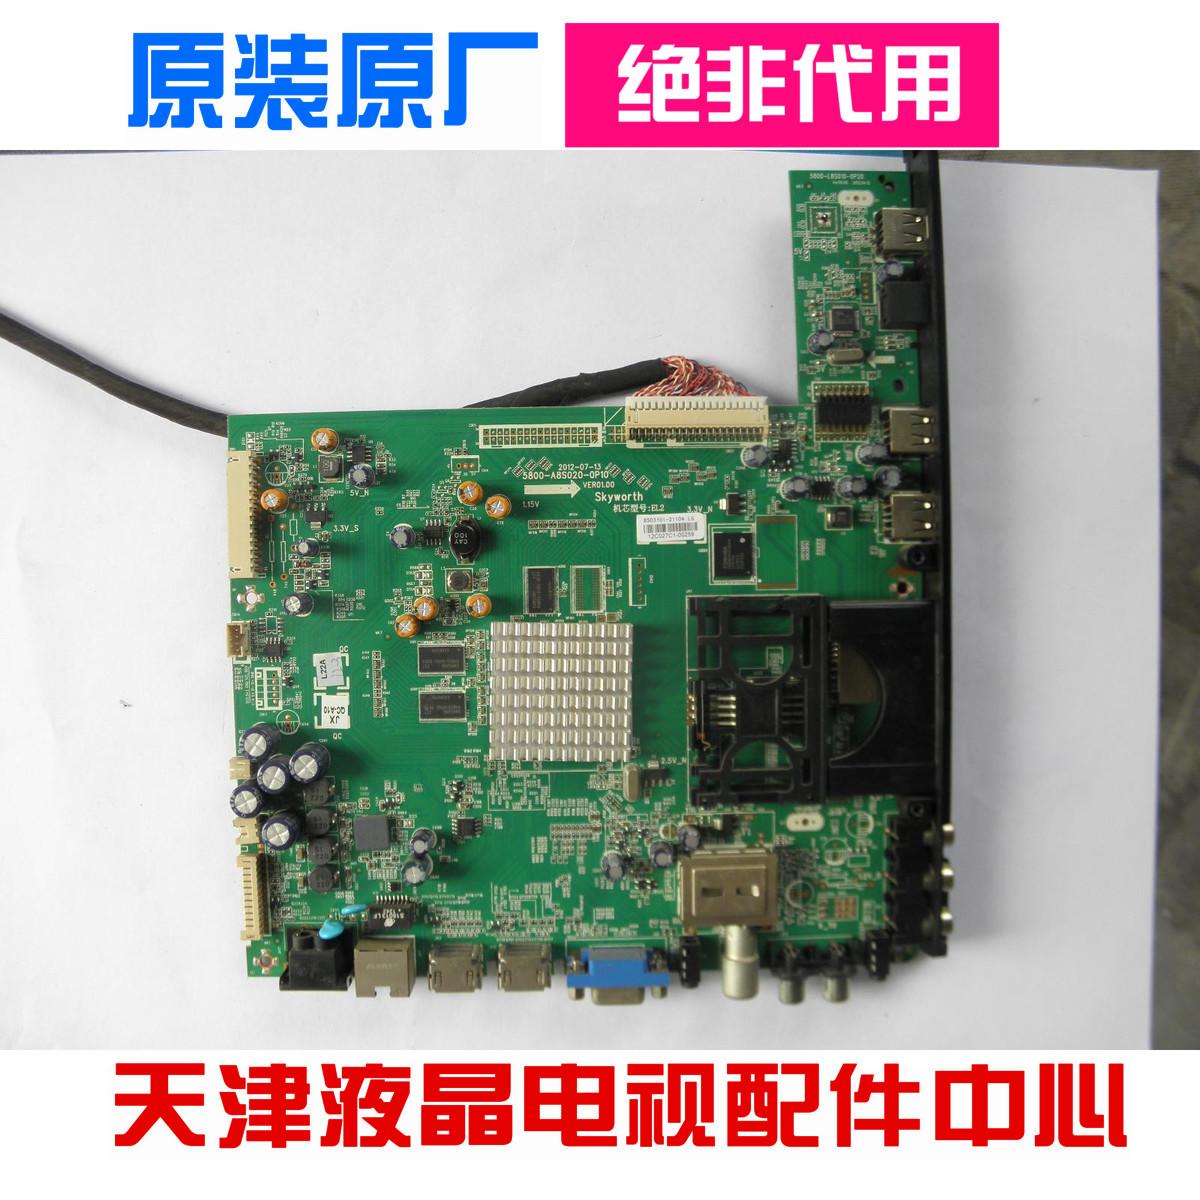 原装创维47E600Y主板5800-A8S020-0P10 8S03配LG屏LC470EUN